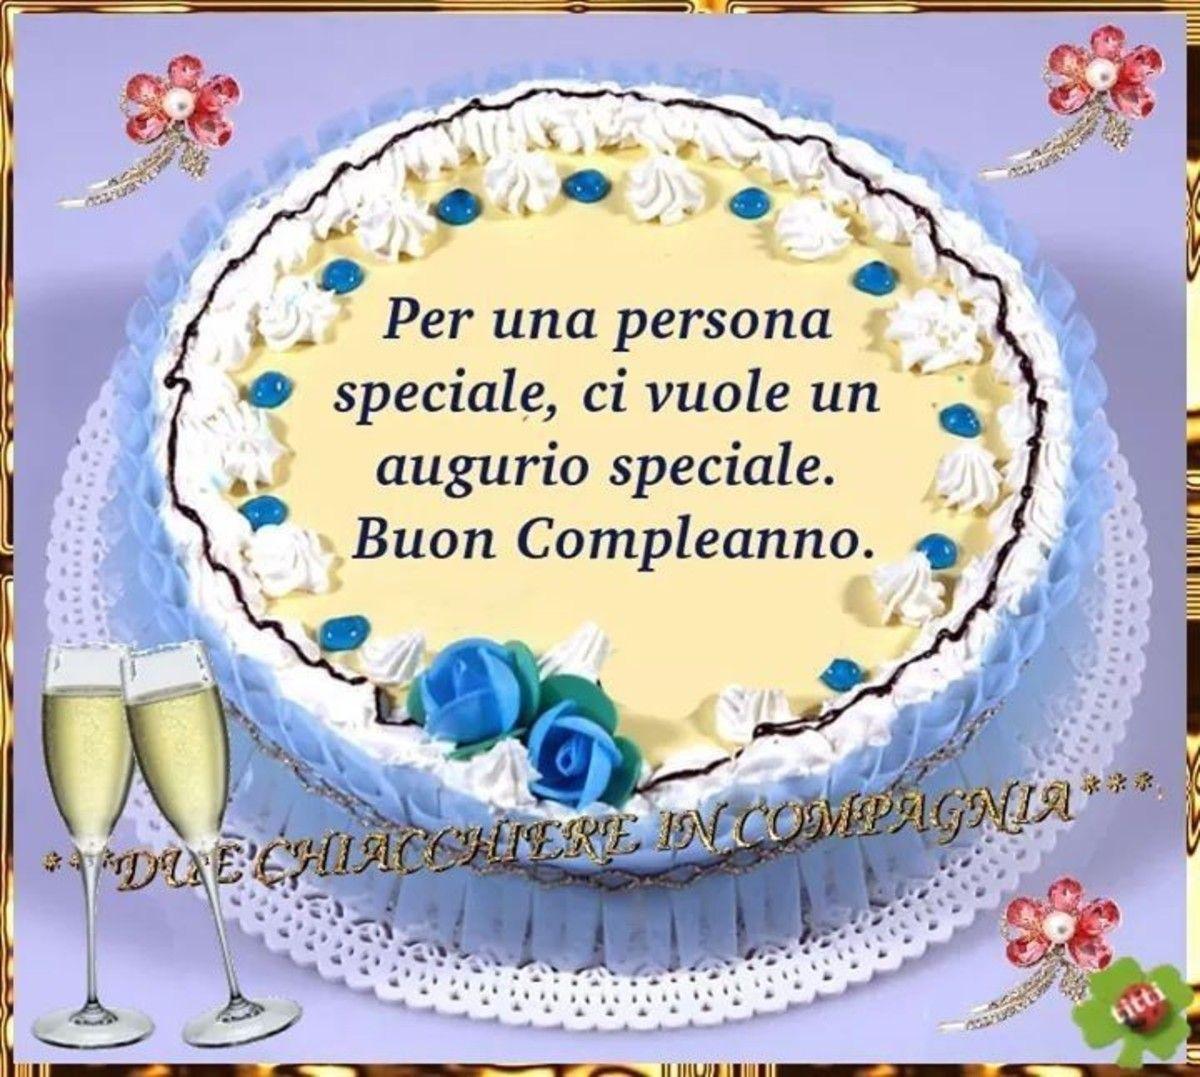 Auguri A Una Persona Speciale 2 Auguri Di Buon Compleanno Buon Compleanno Compleanno